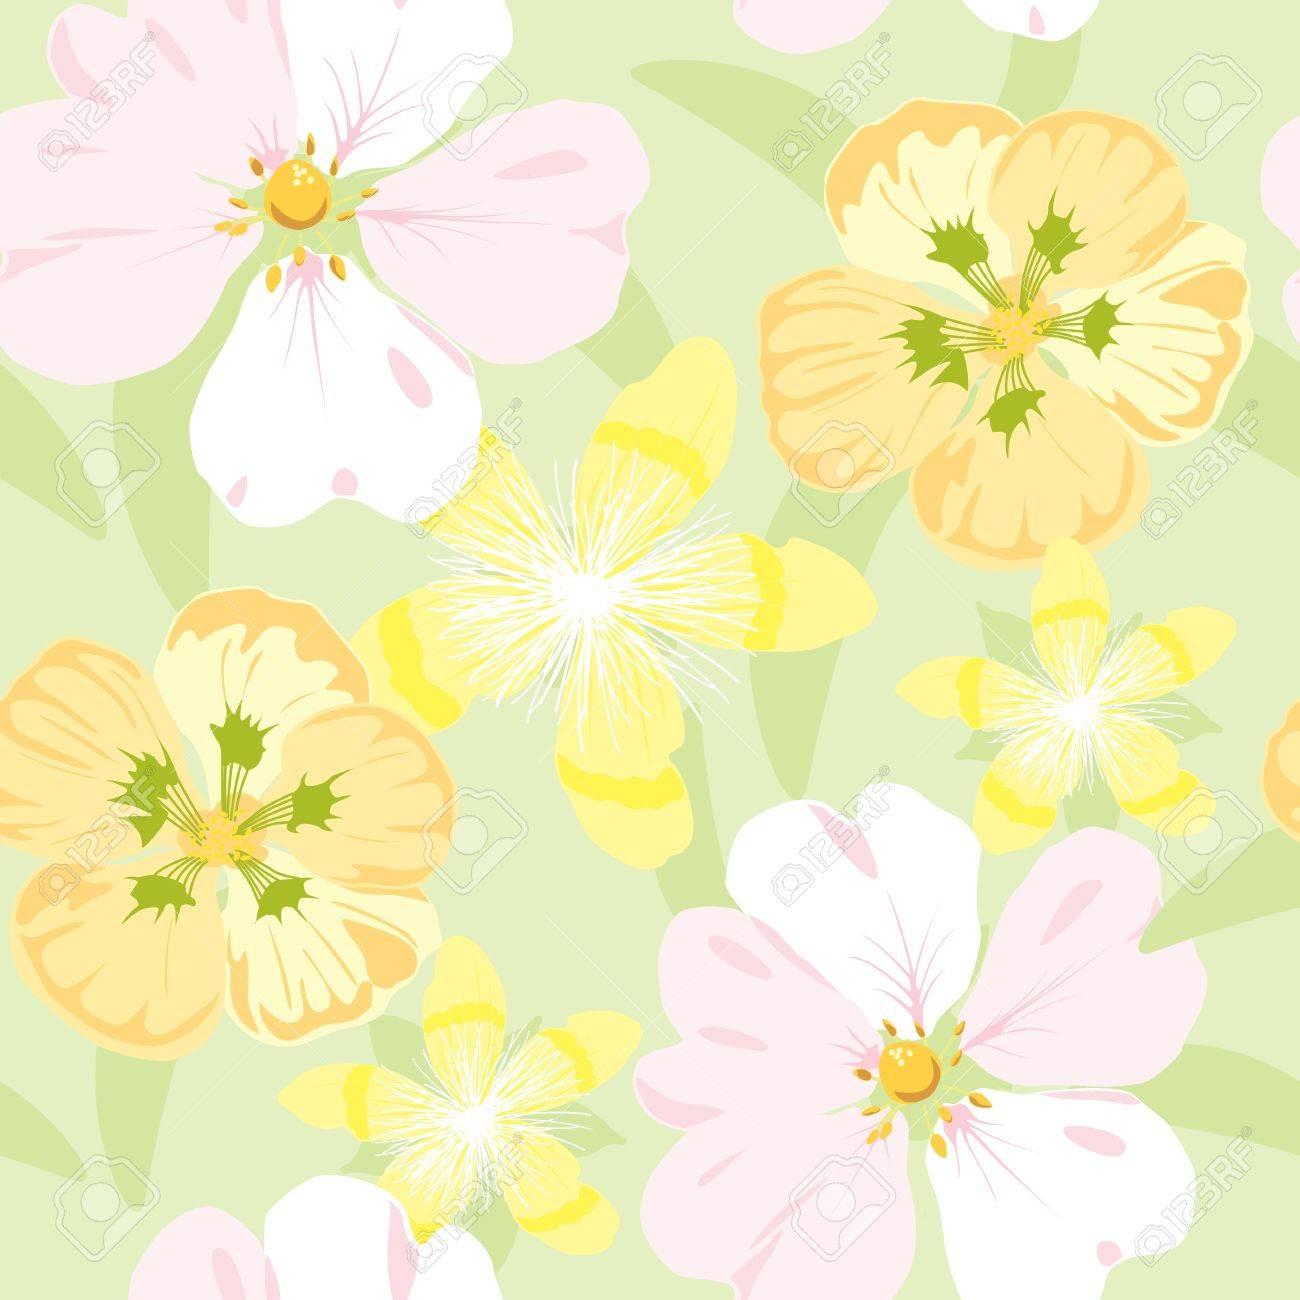 花の庭、ラップ、シームレスなパターンは、パステル調の背景イラスト